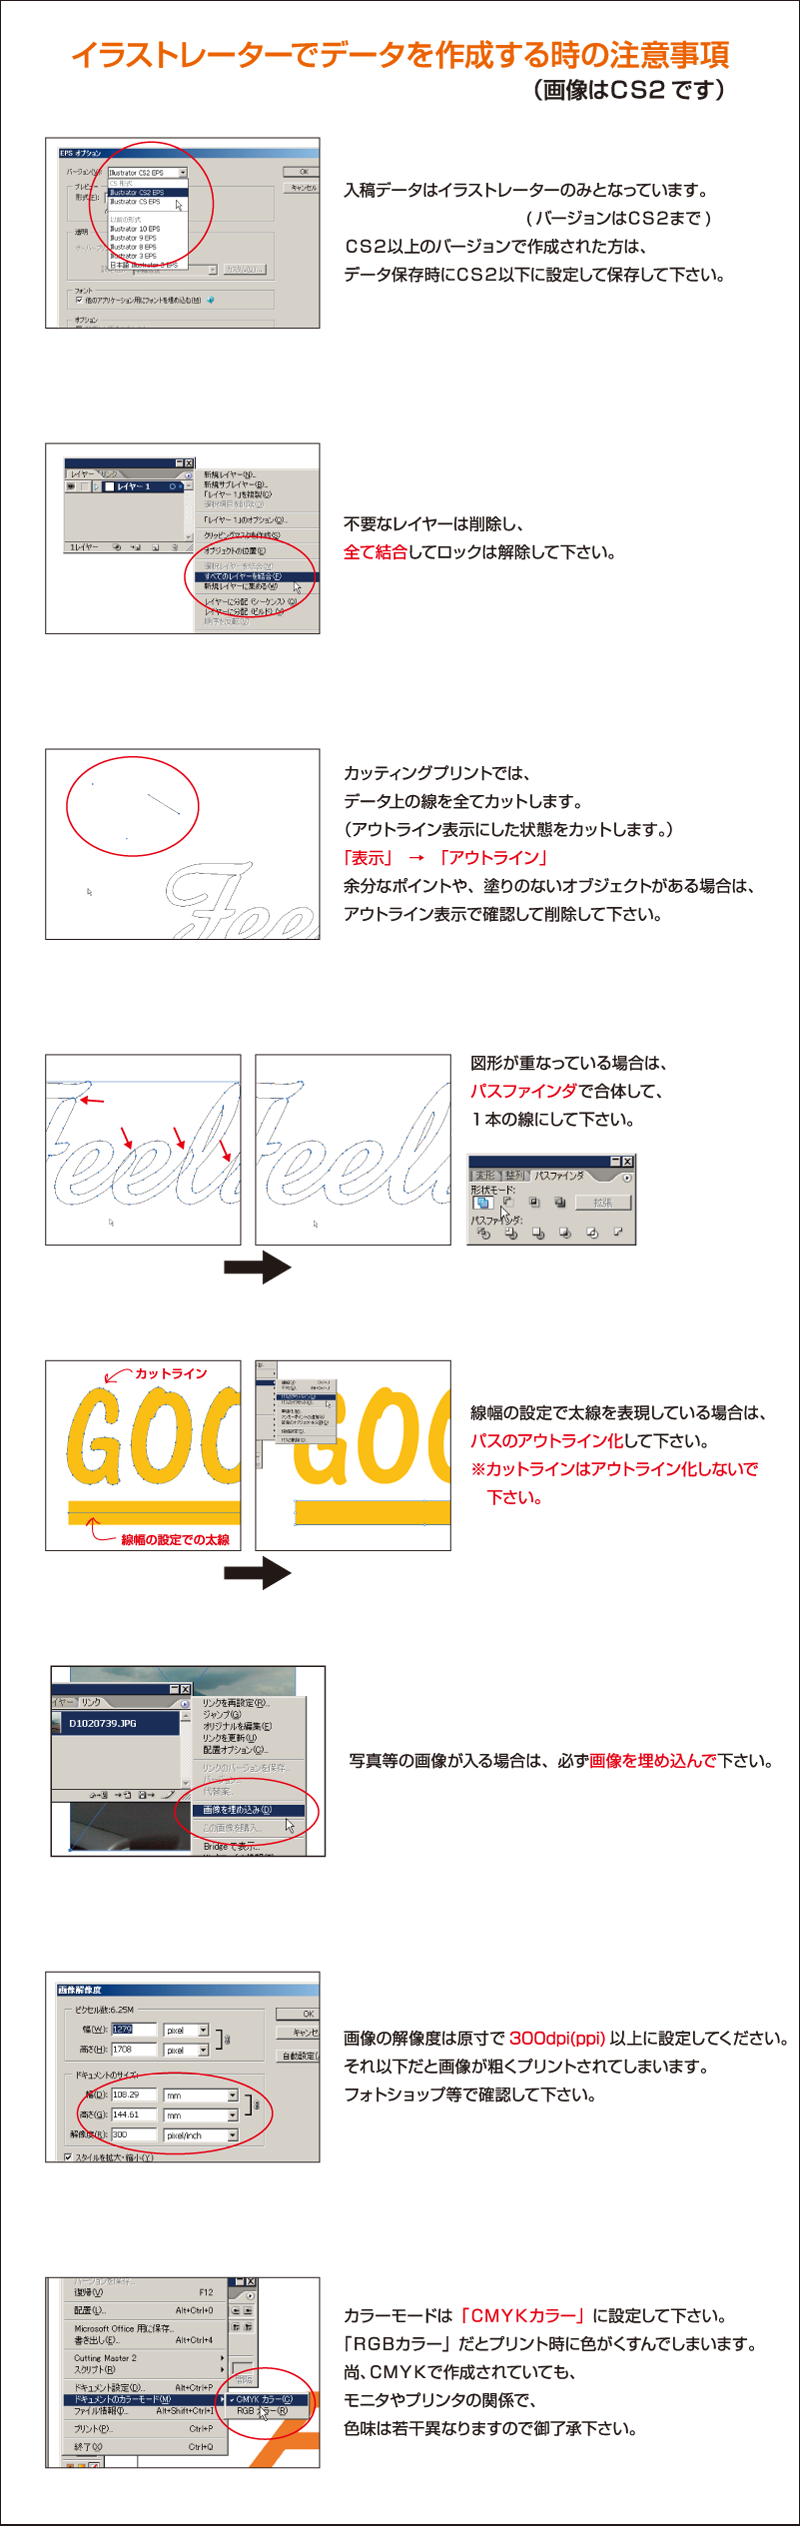 イラストレーターでデータを作成するときの注意事項 |  オリジナルプリント Tシャツ・ユニフォーム・ウエアを1枚から格安で製作! |  熊本市東区御領 和光スタンプ